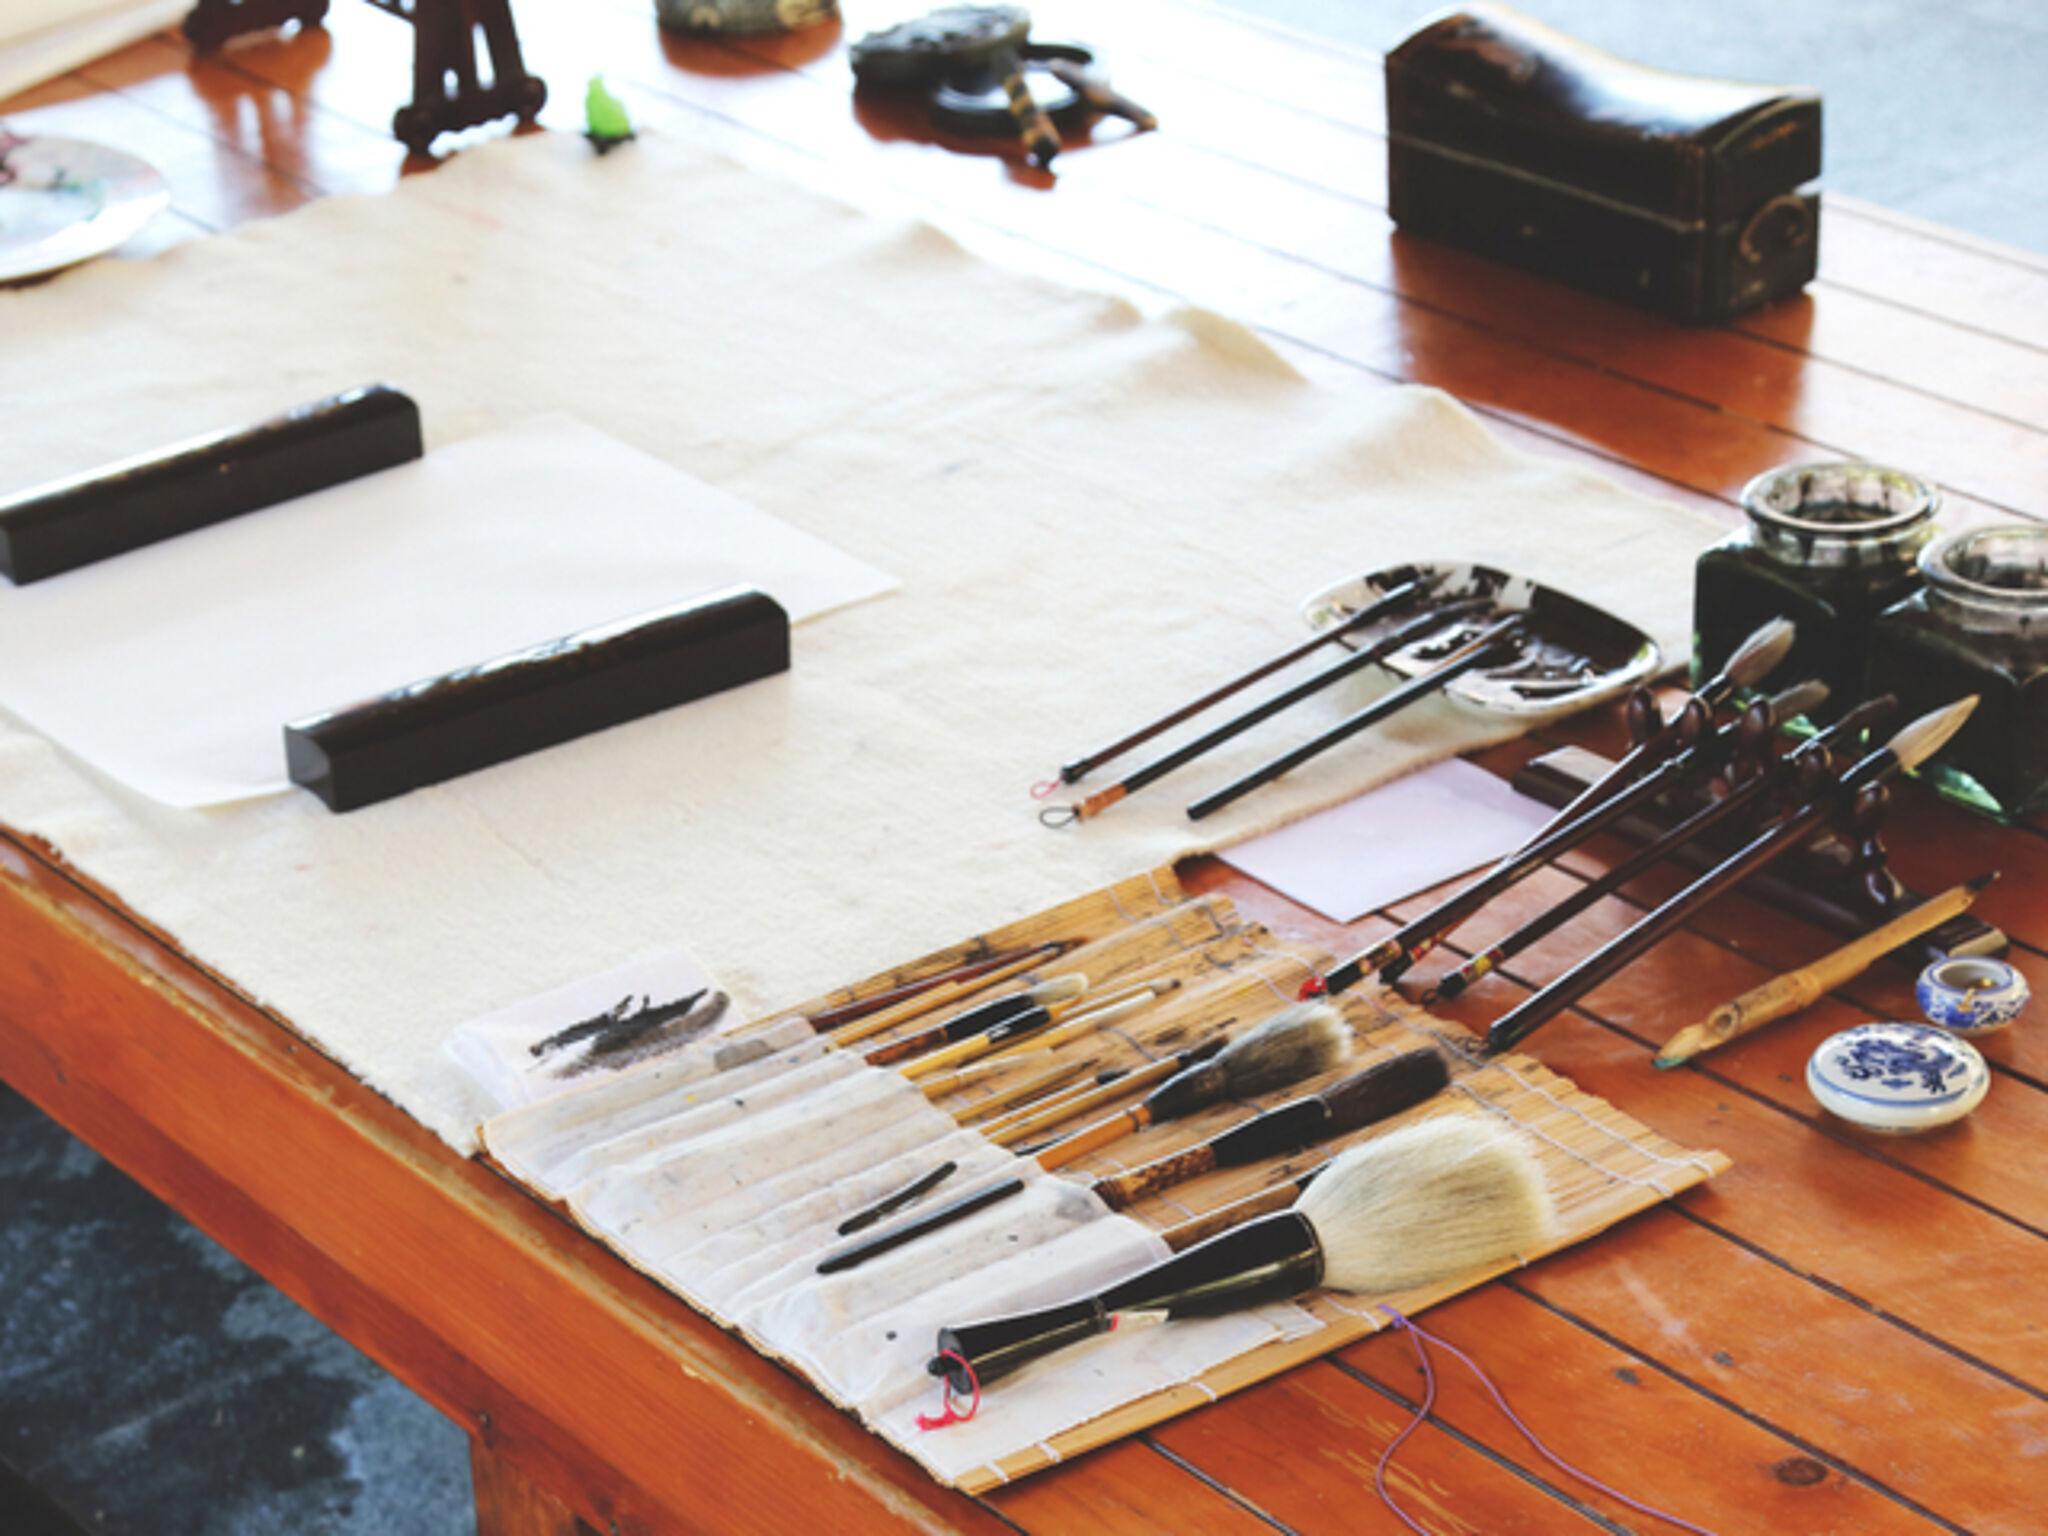 書道の道具の画像